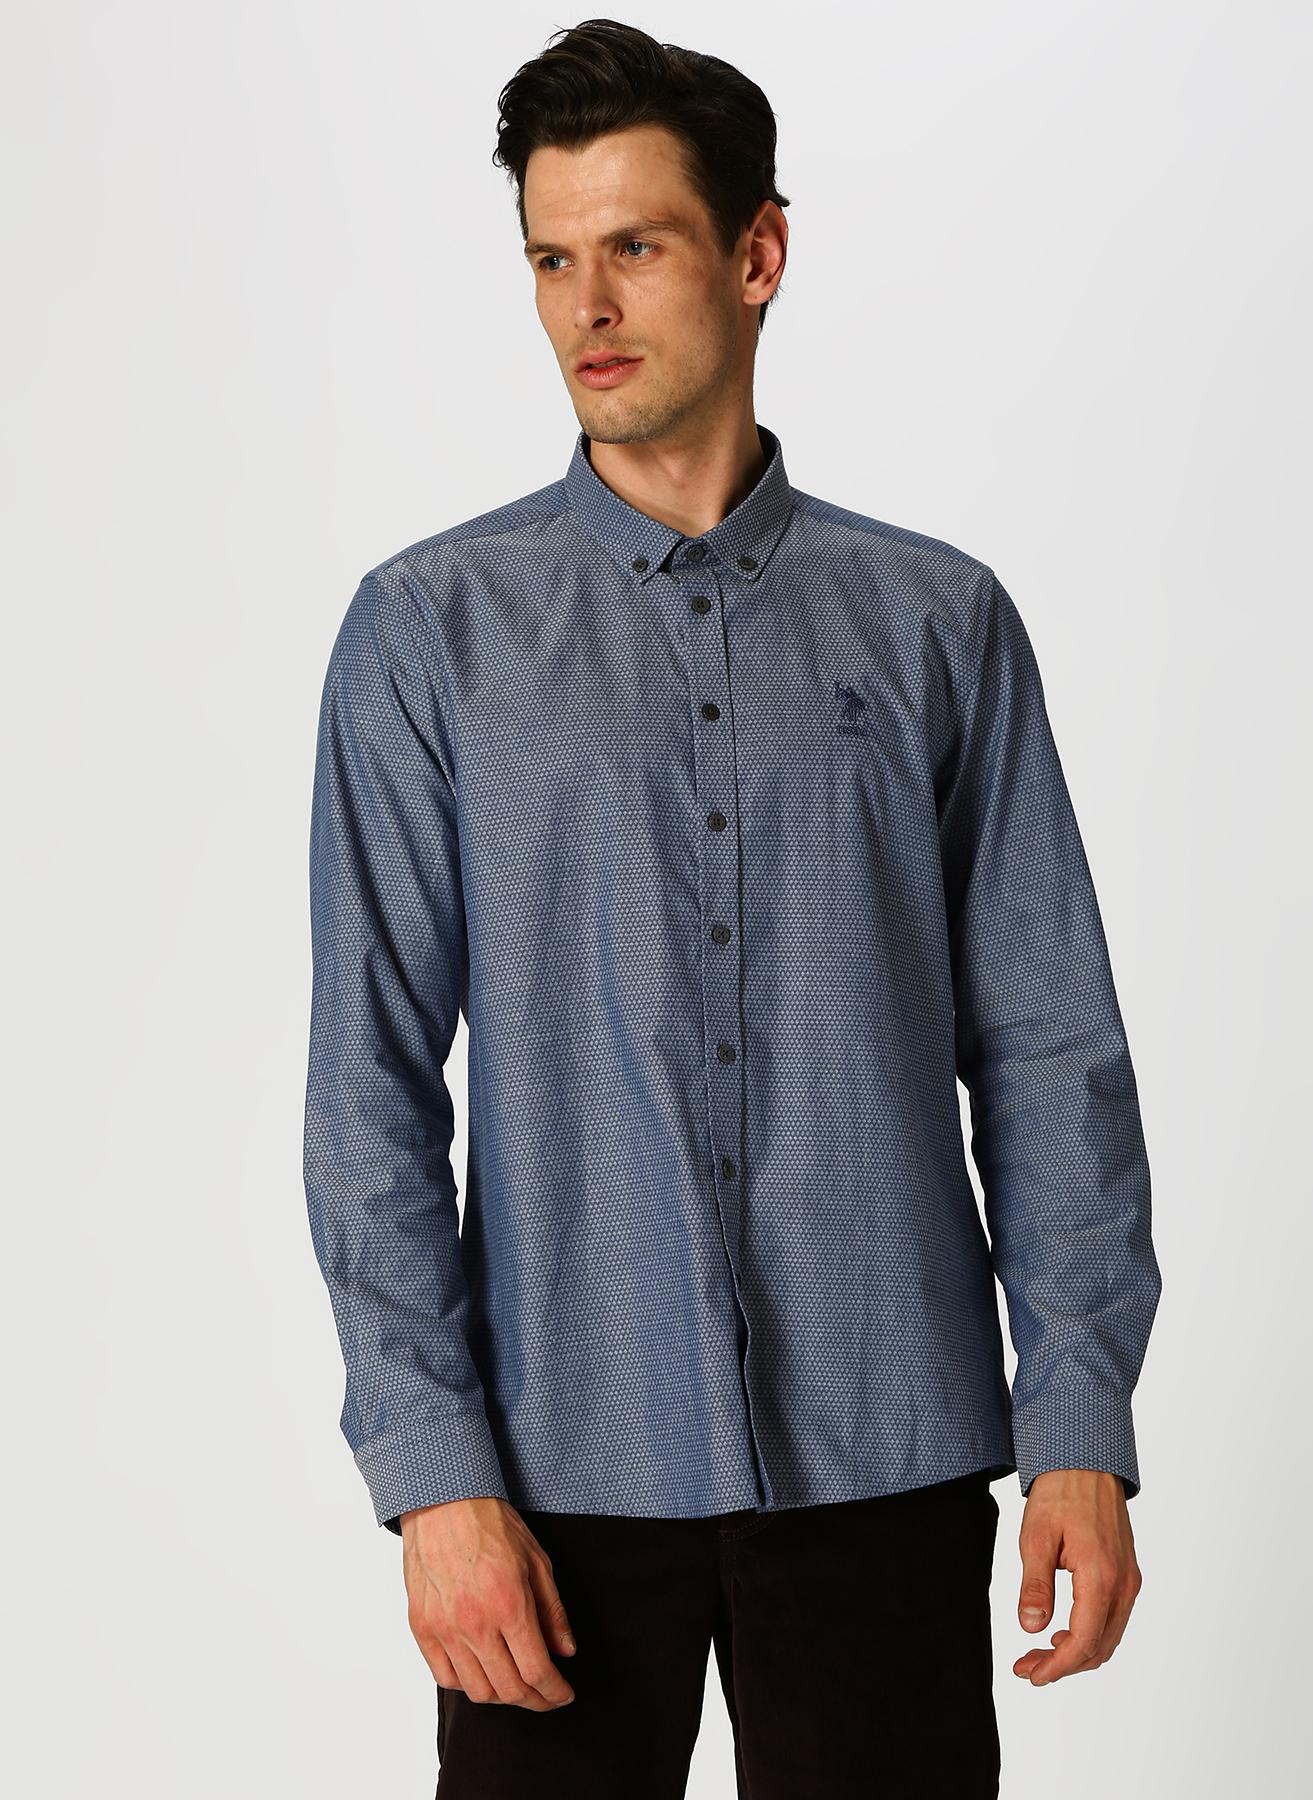 U.S. Polo Assn. Desenli Mavi Gömlek M 5001704715003 Ürün Resmi